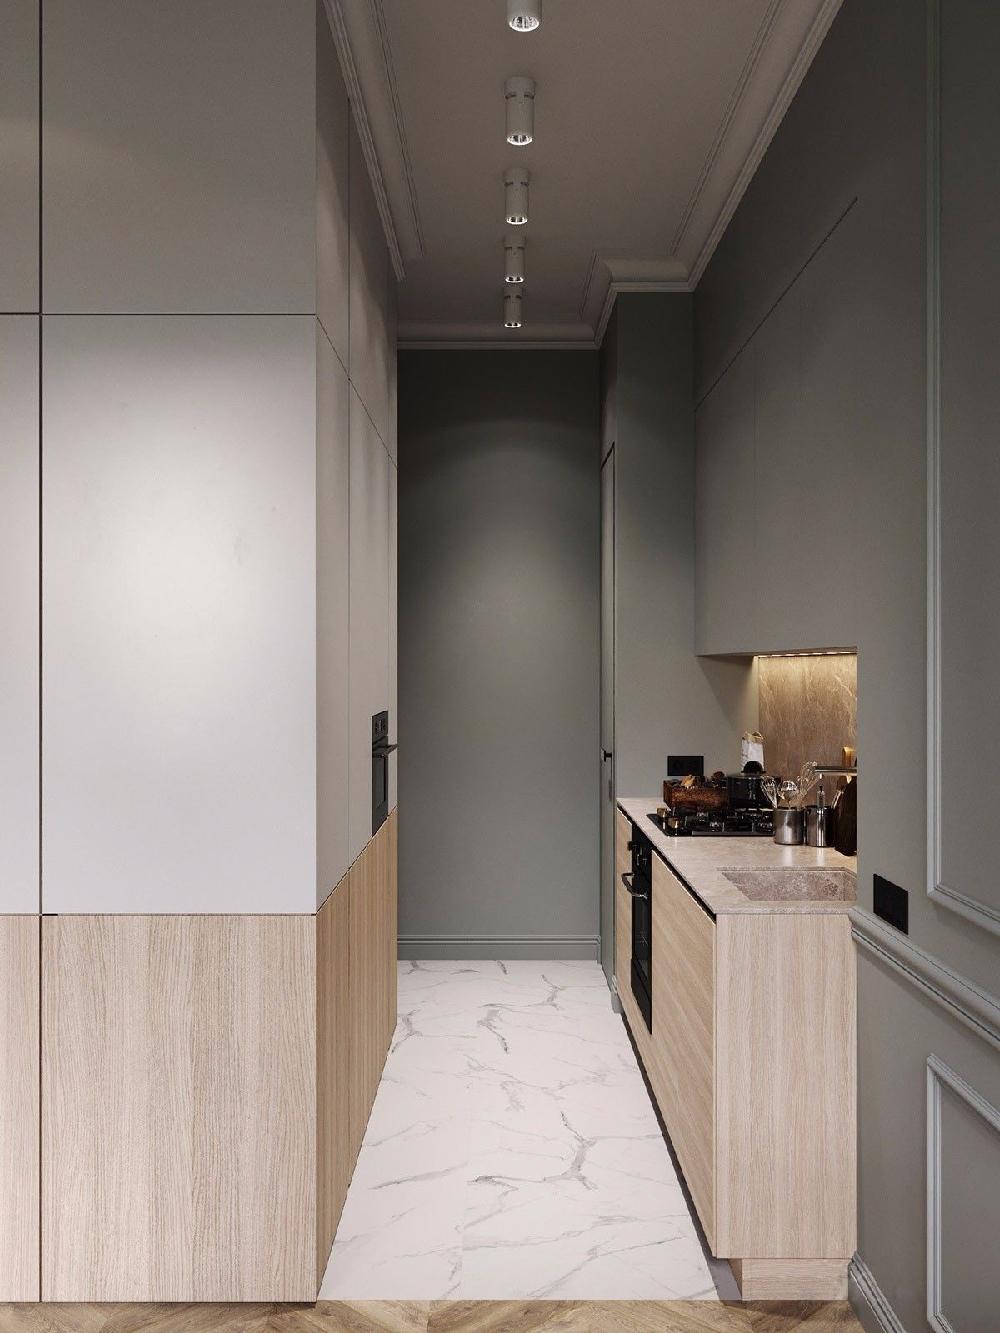 75㎡的混搭风格二居室,自然舒适的家10388136